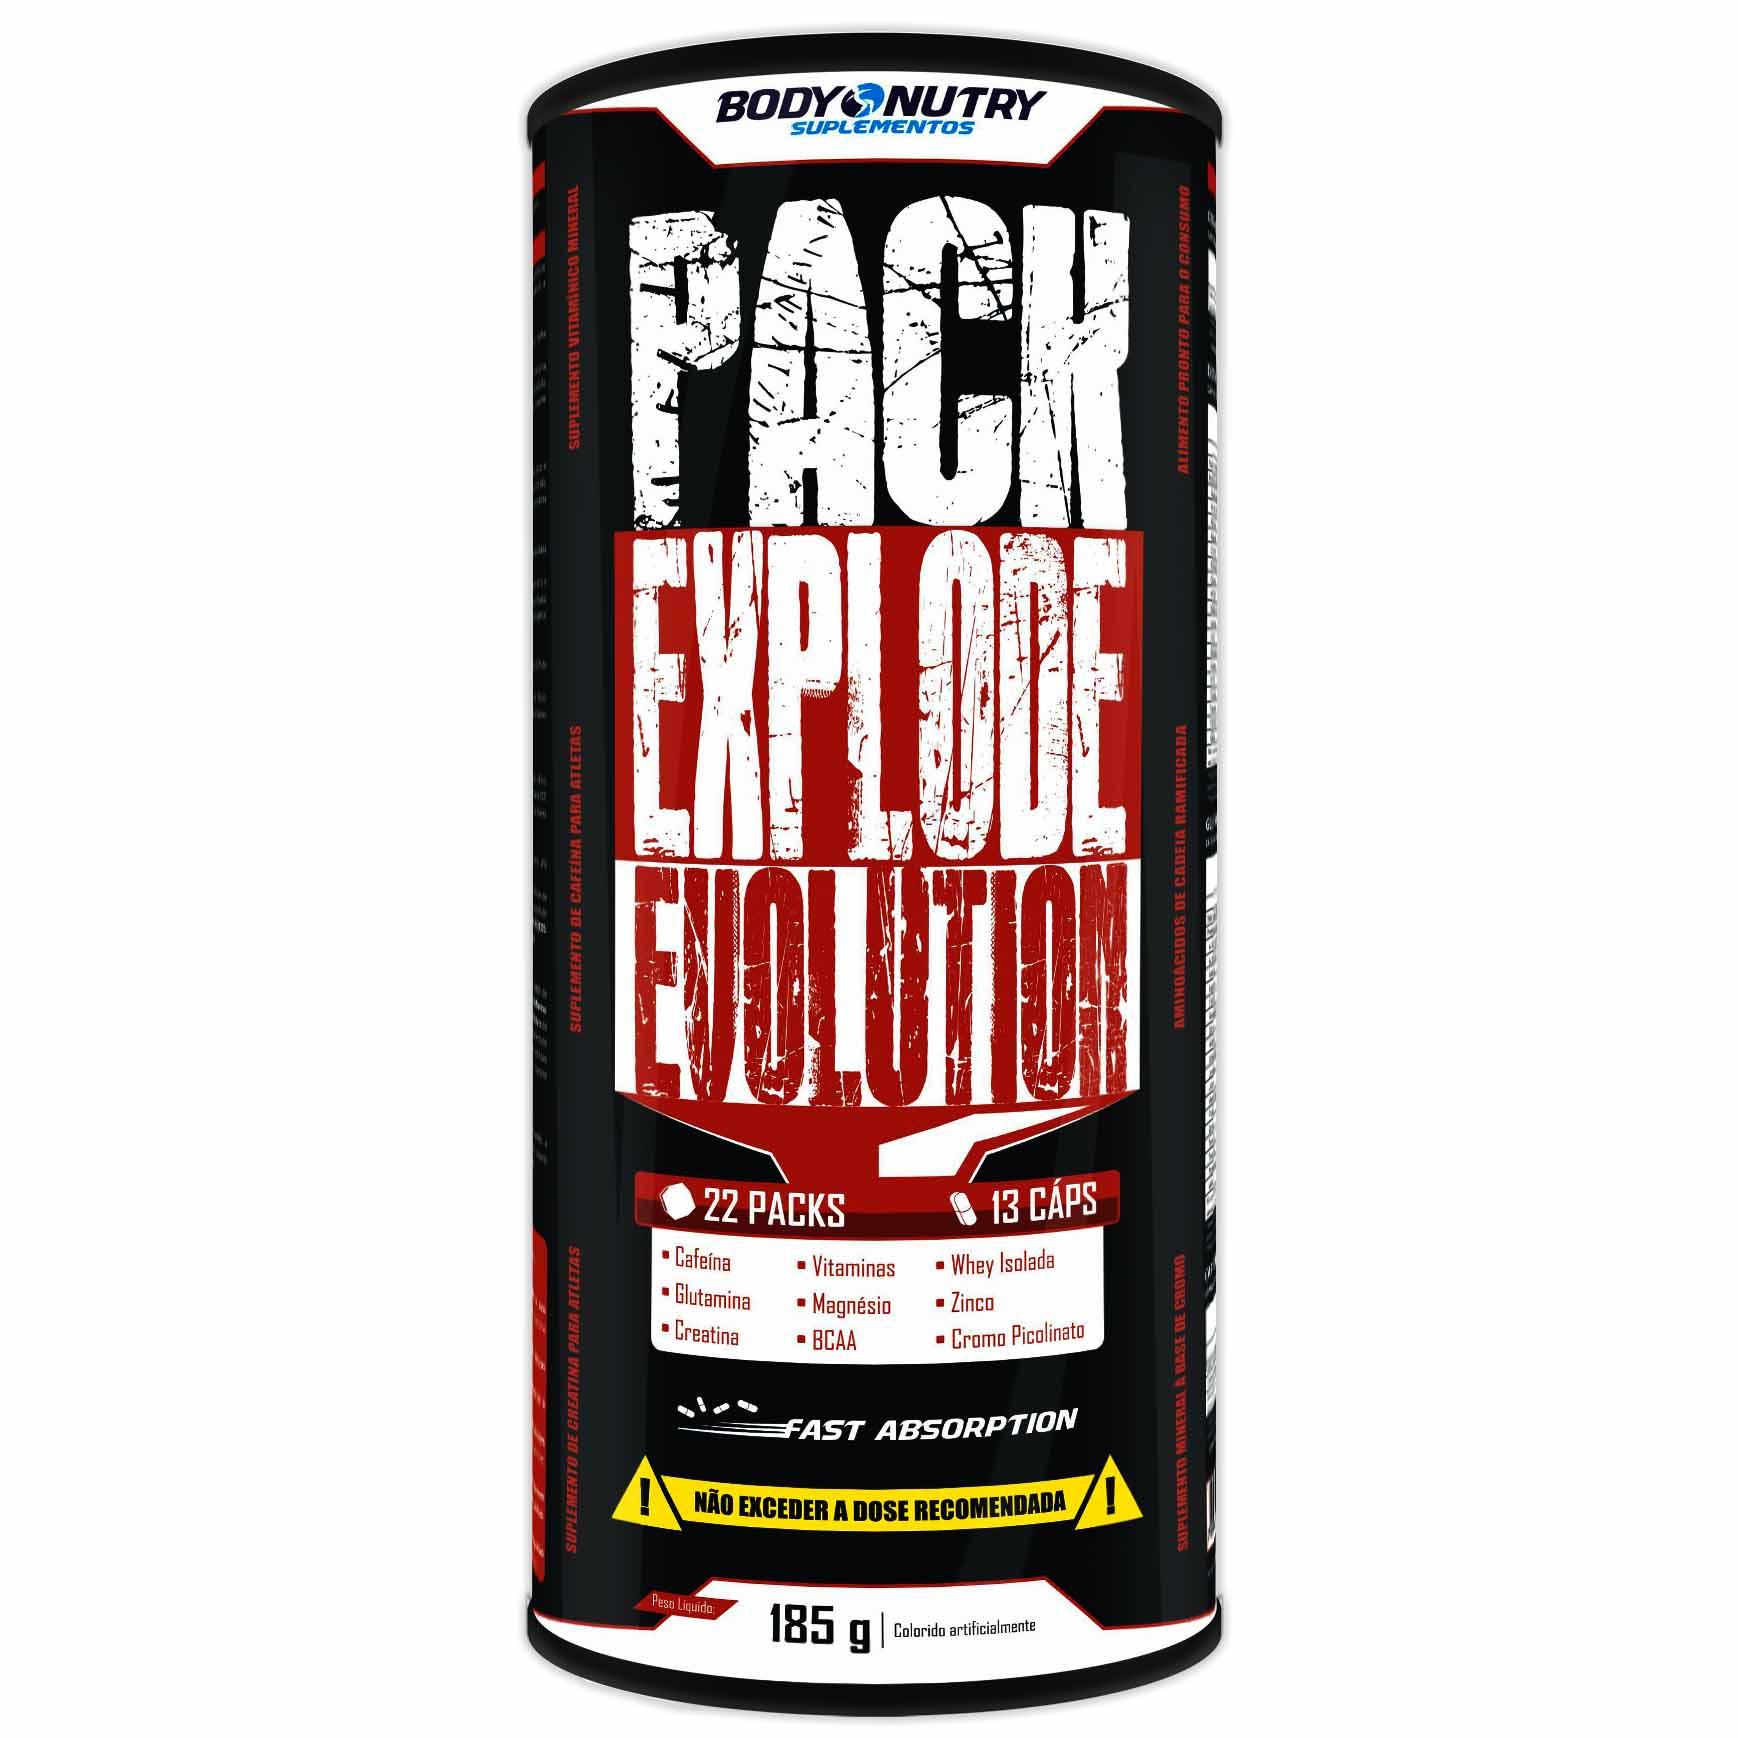 Pack Explode Evolution 22 Packs Body Nutry